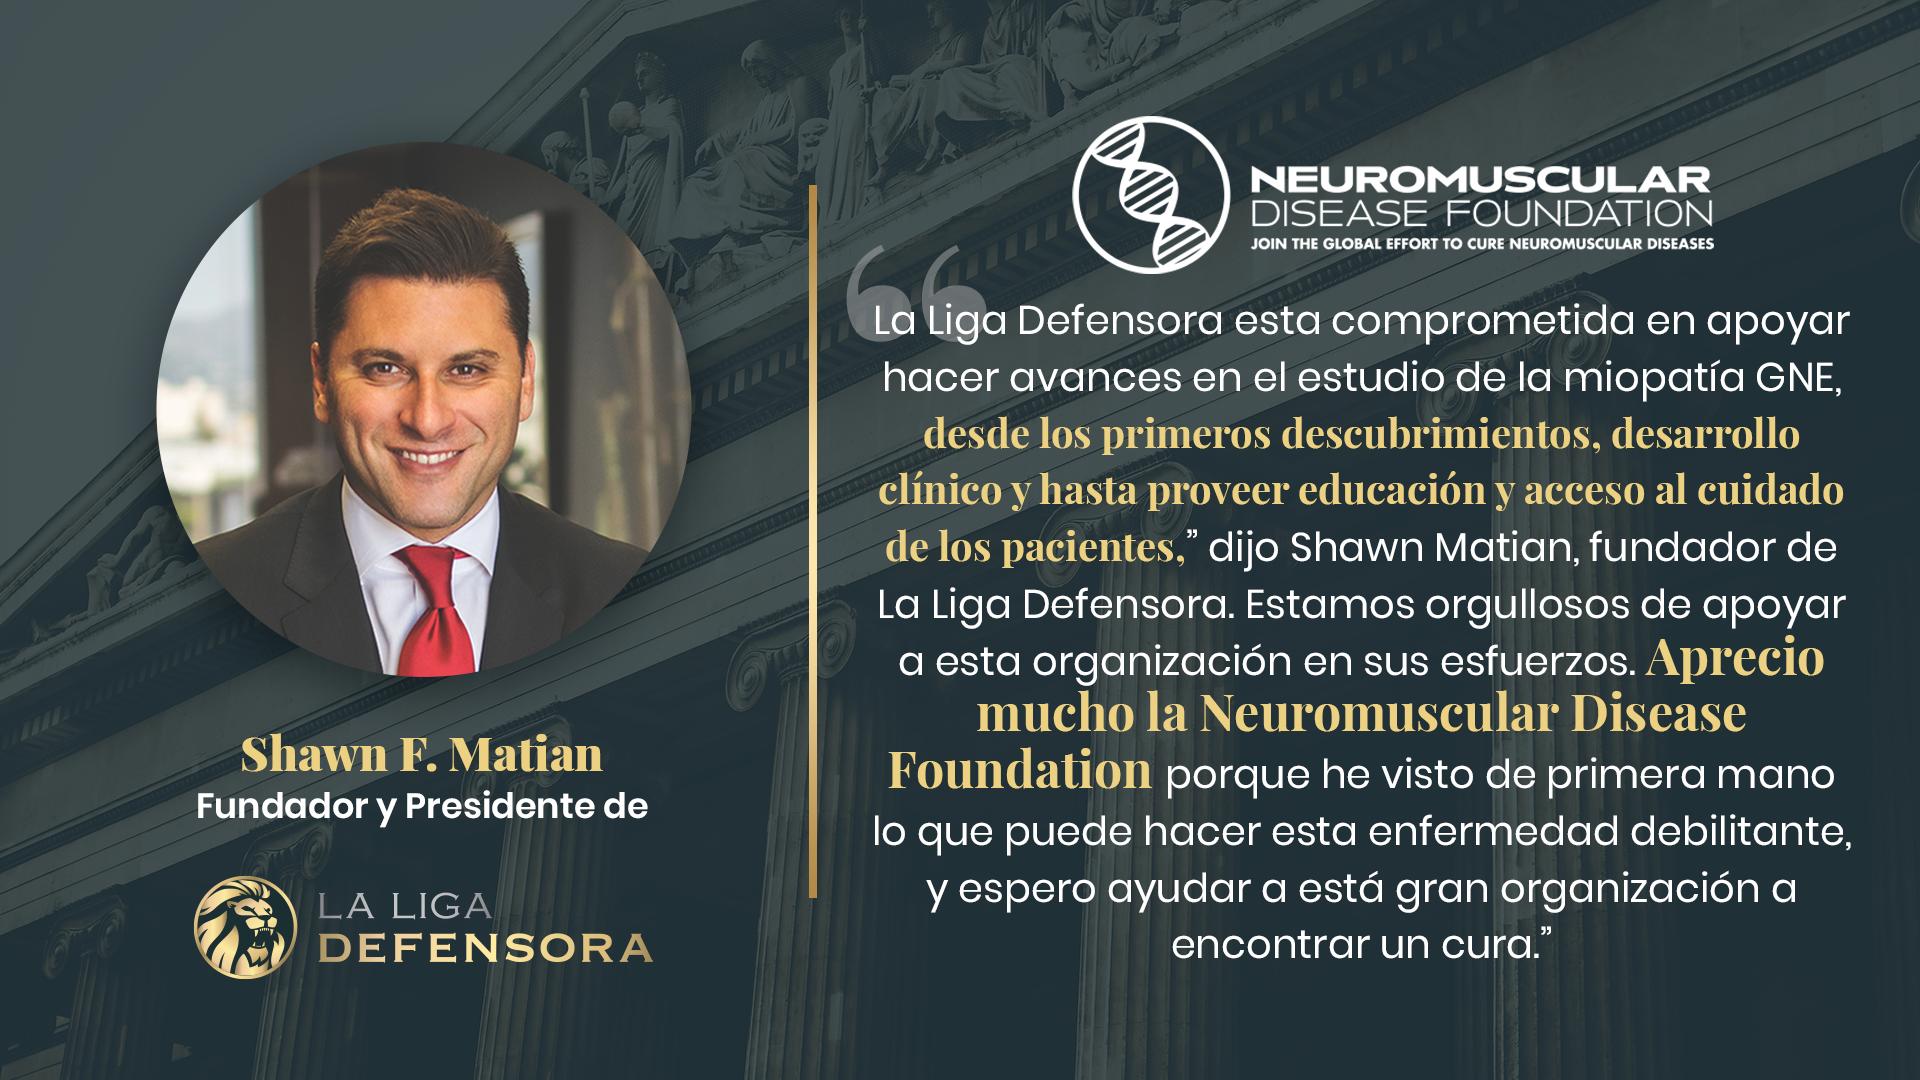 La Liga Defensora hace una donación a la Neuromuscular Disease Foundation